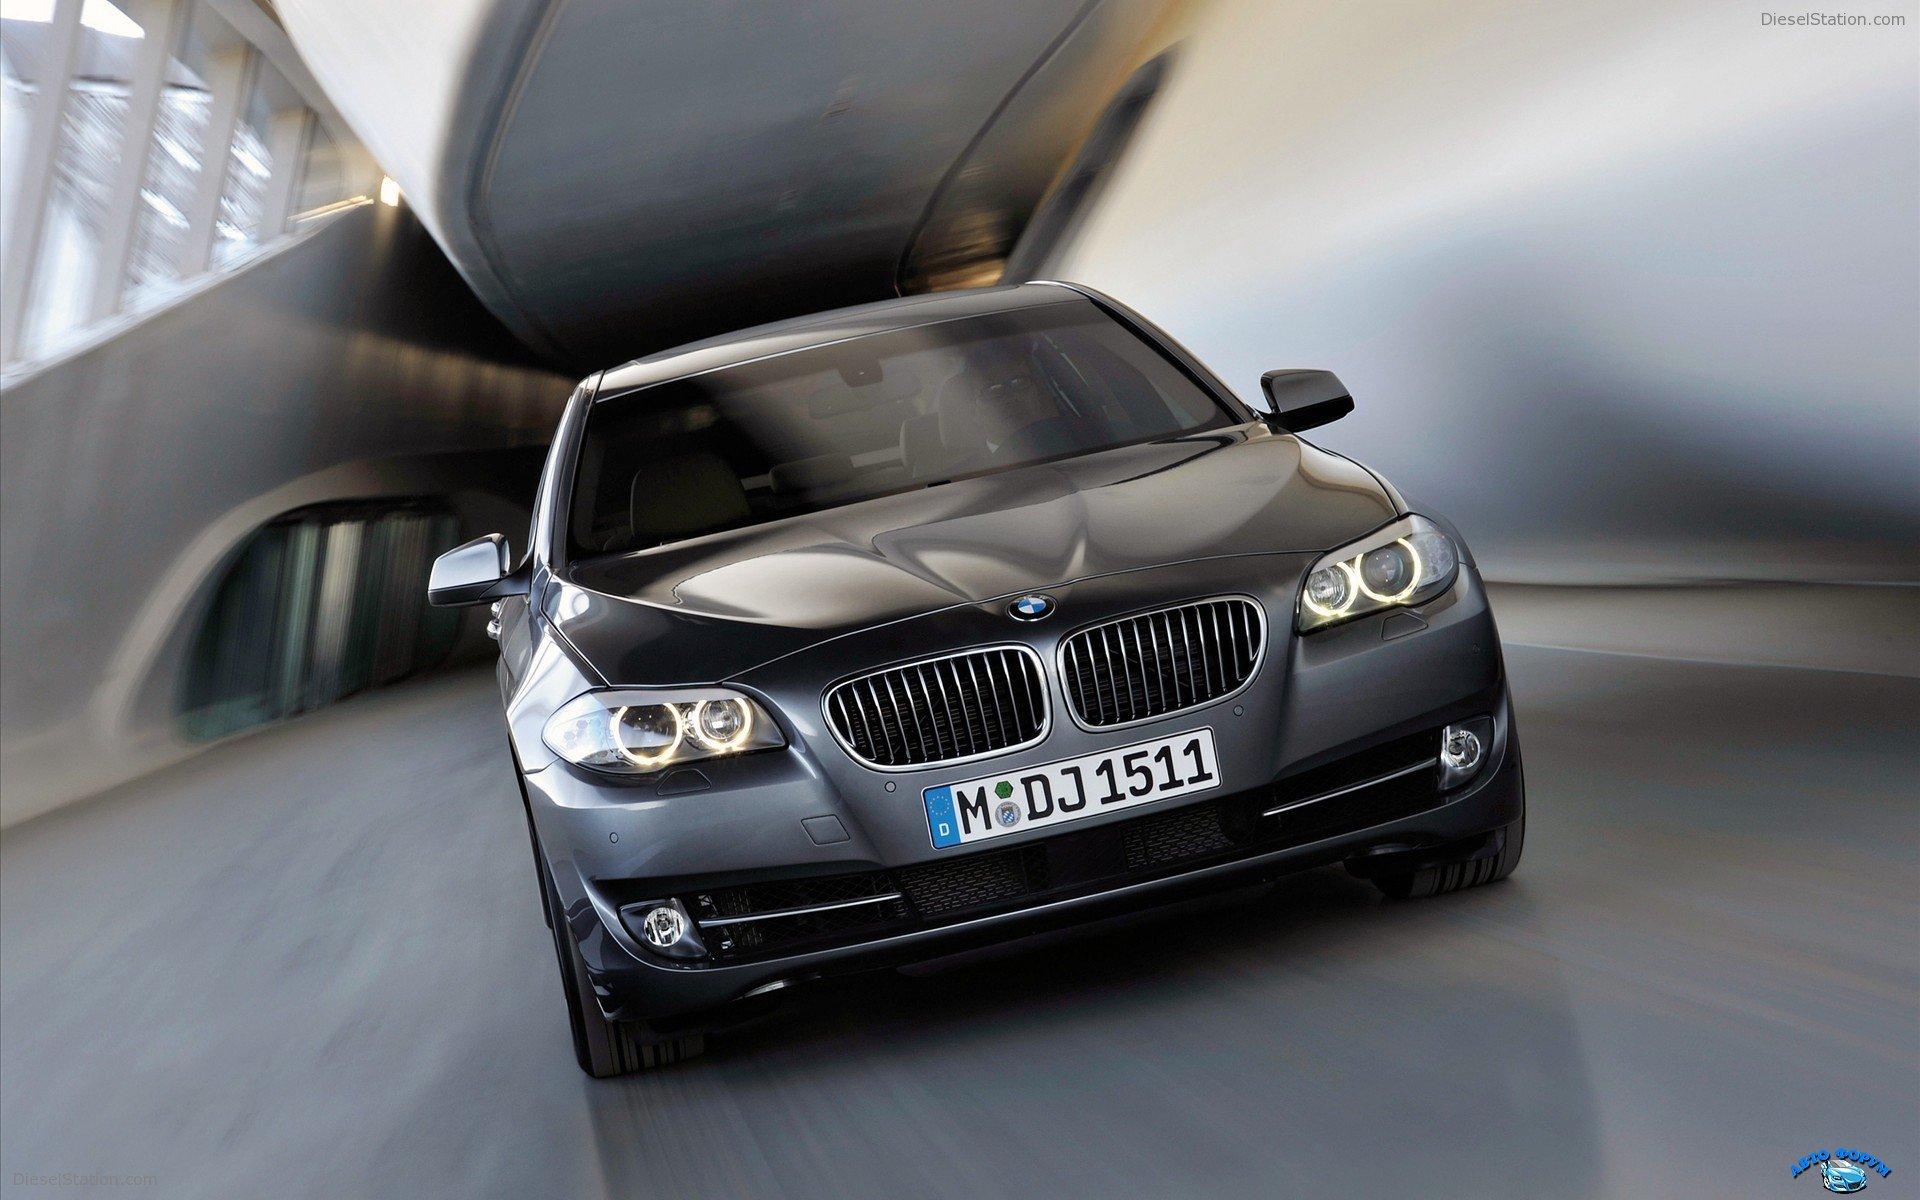 2011-BMW-5-Series-widescreen-01.jpg